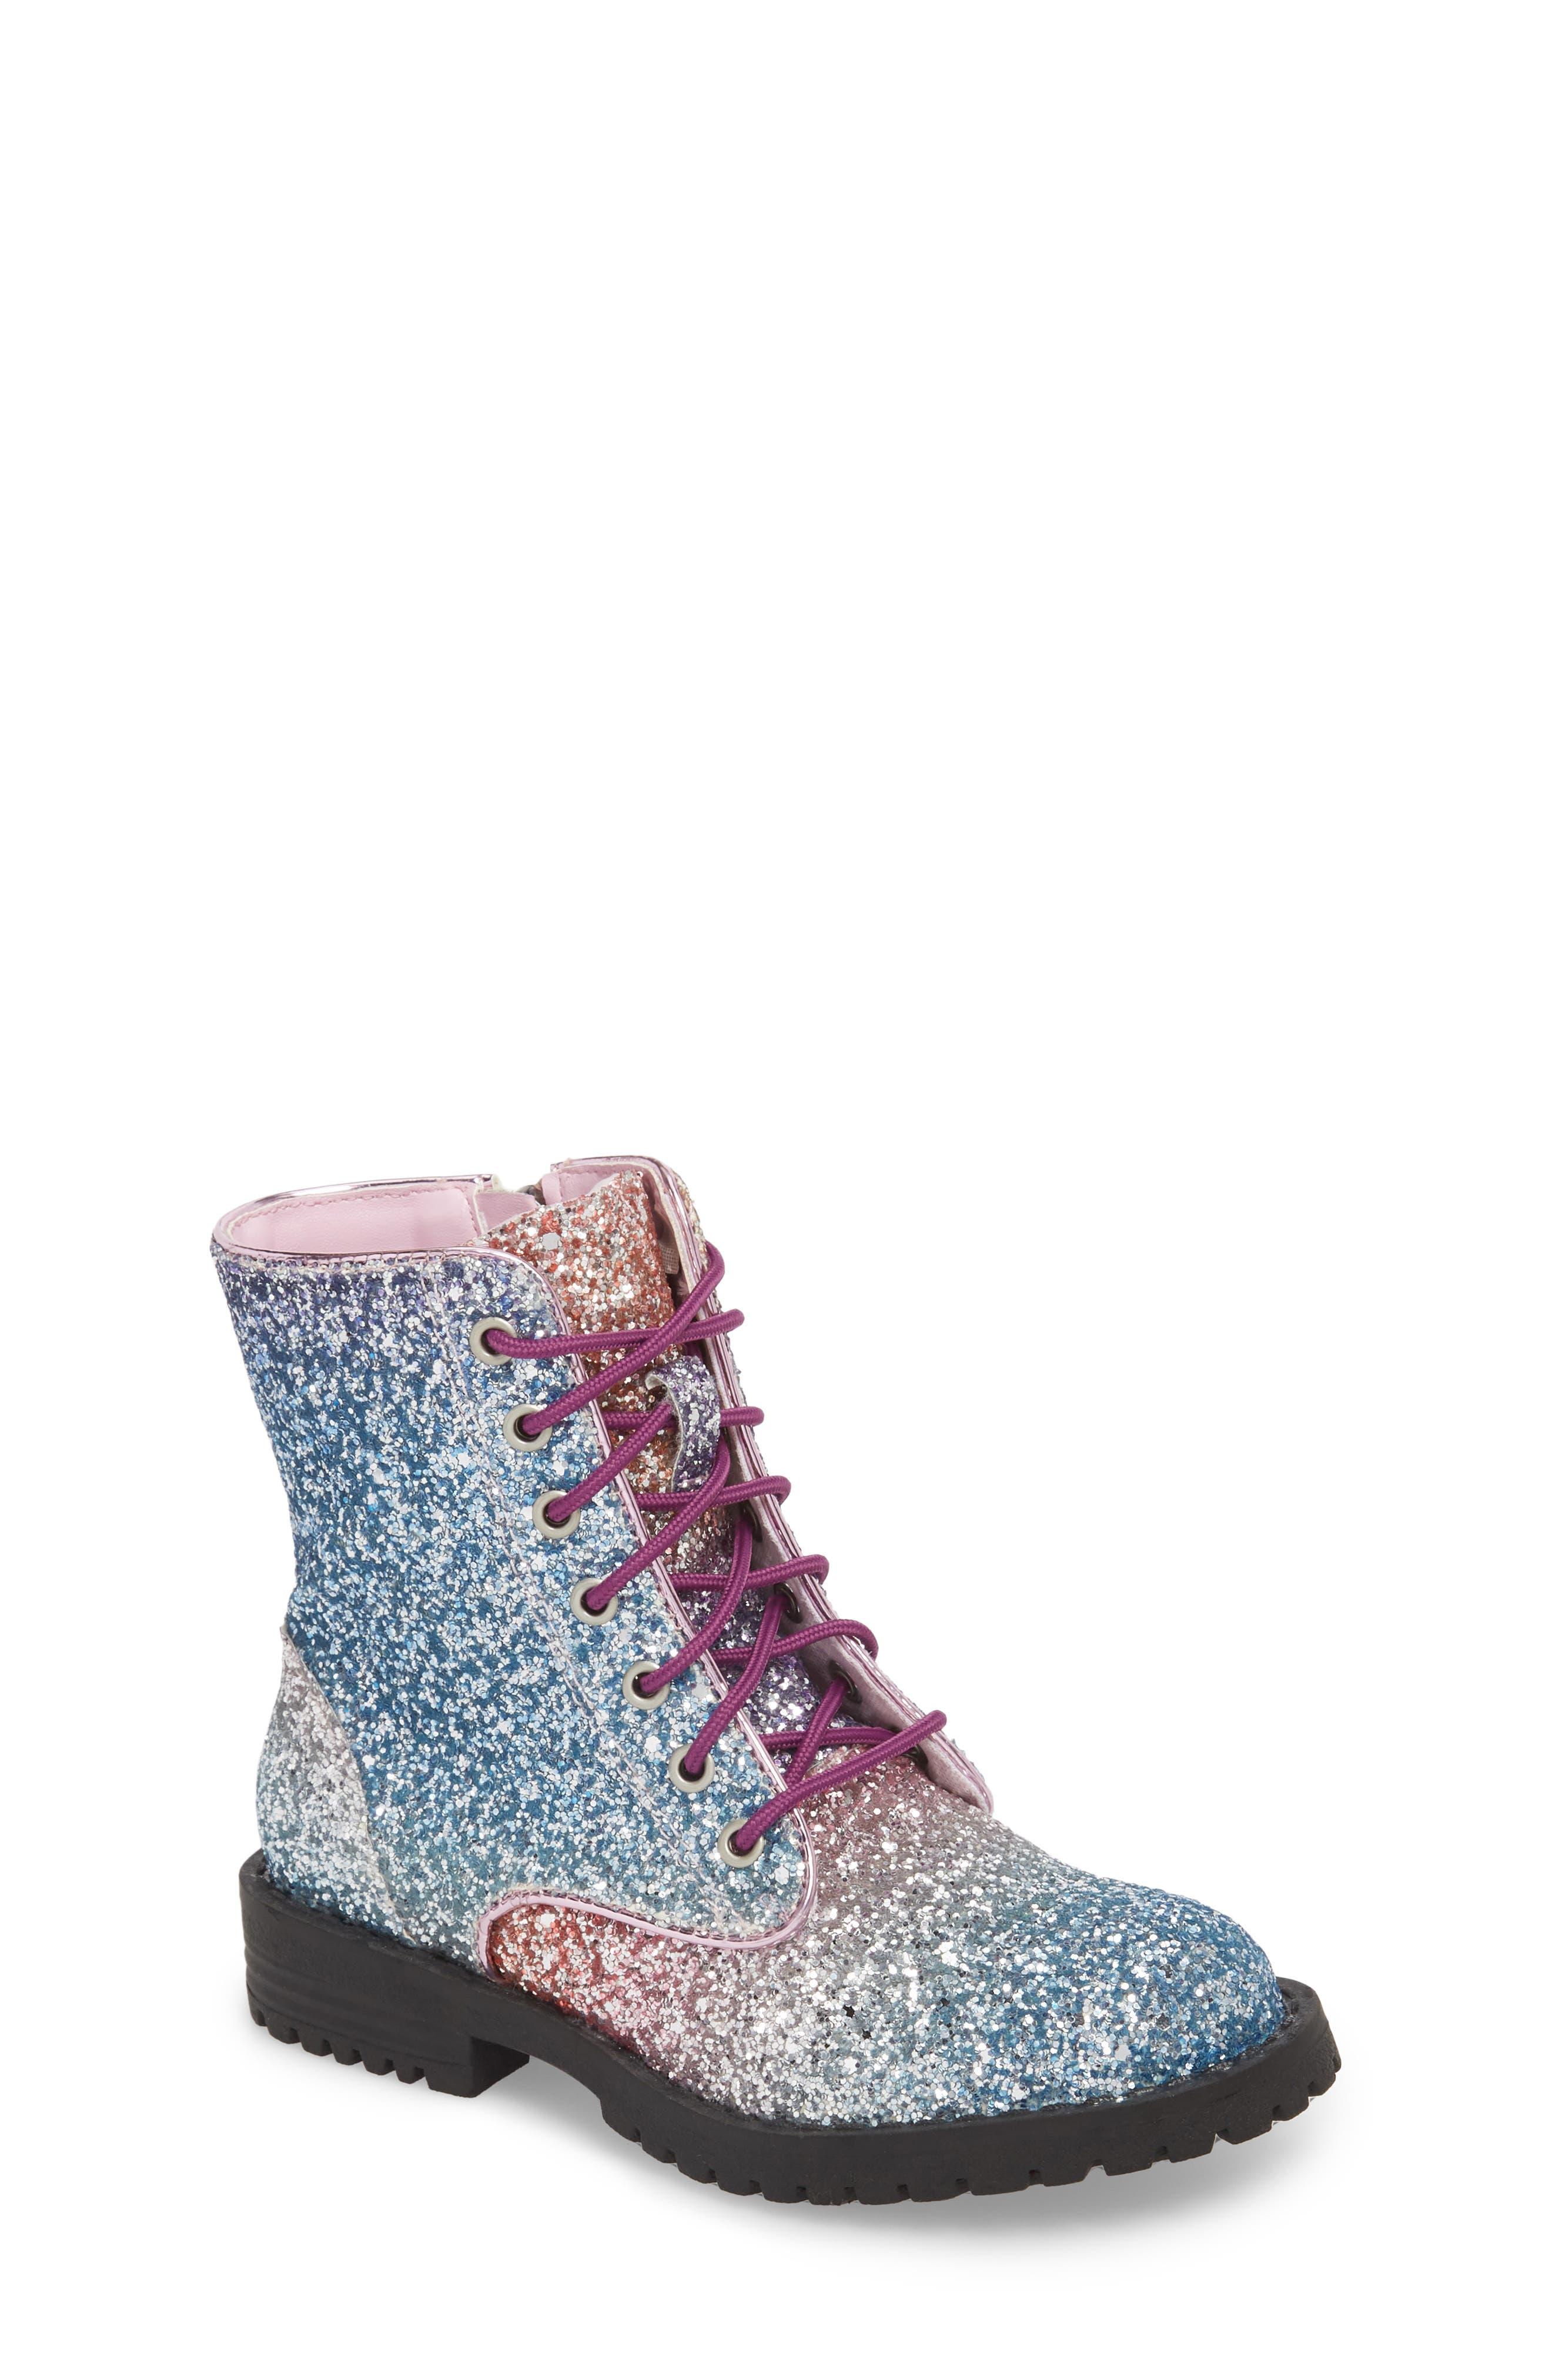 SAM EDELMAN Polly Sophia Glitter Combat Boot, Main, color, 506